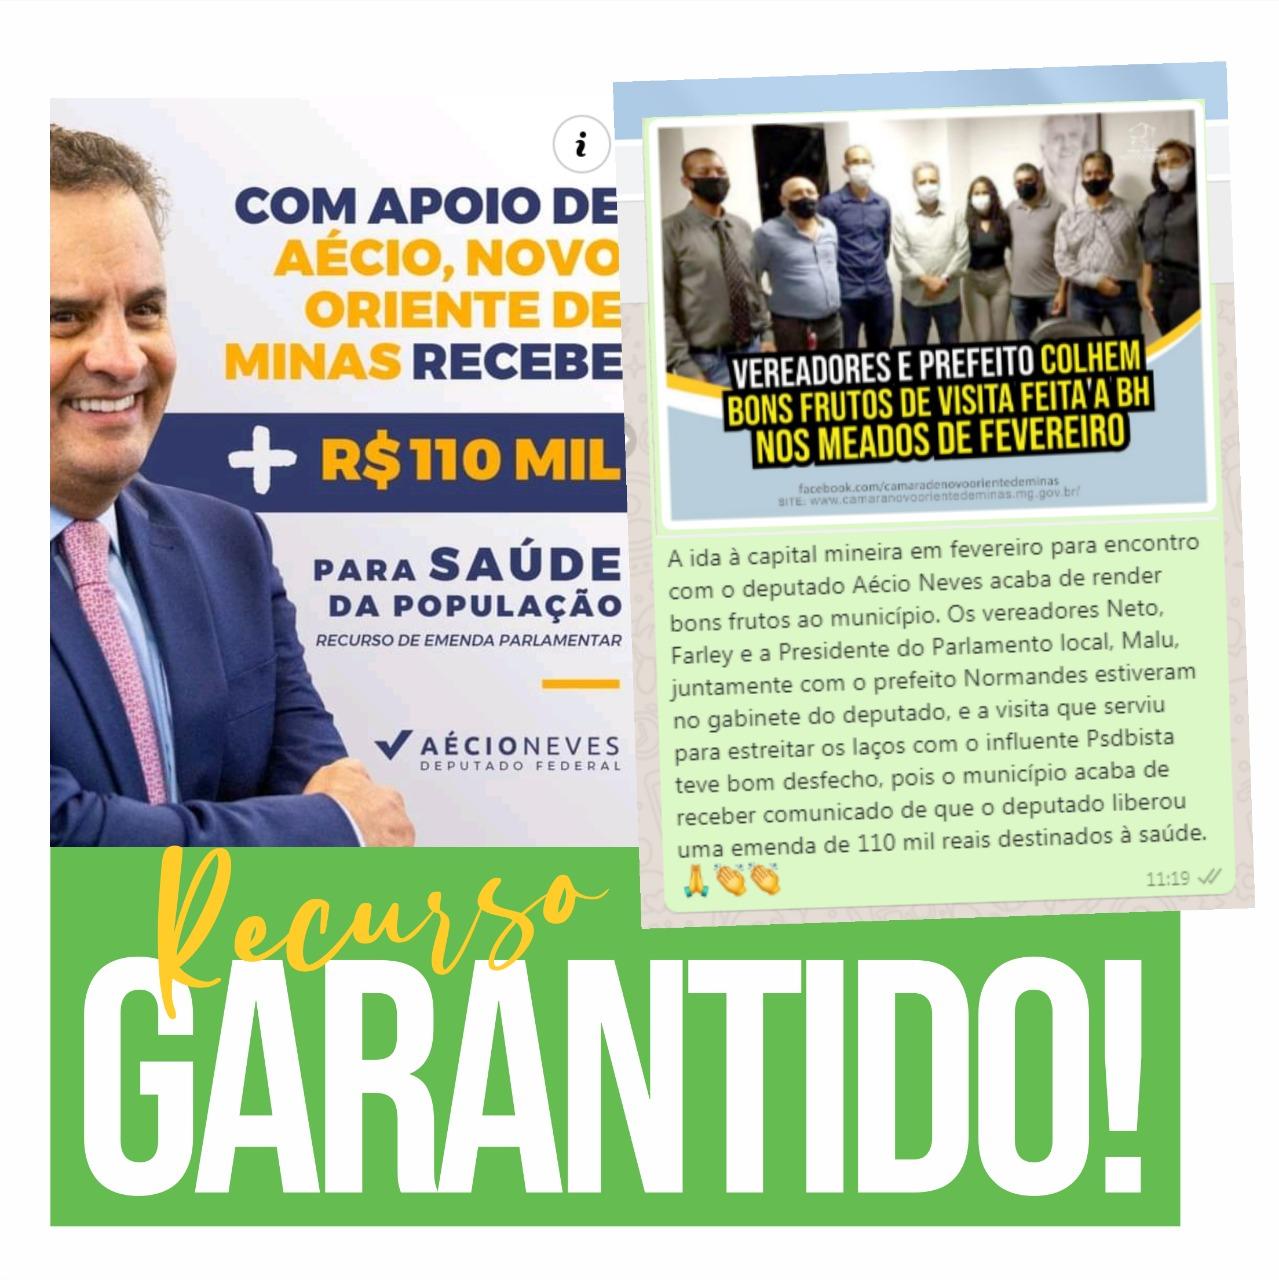 RECURSO GARANTIDO!